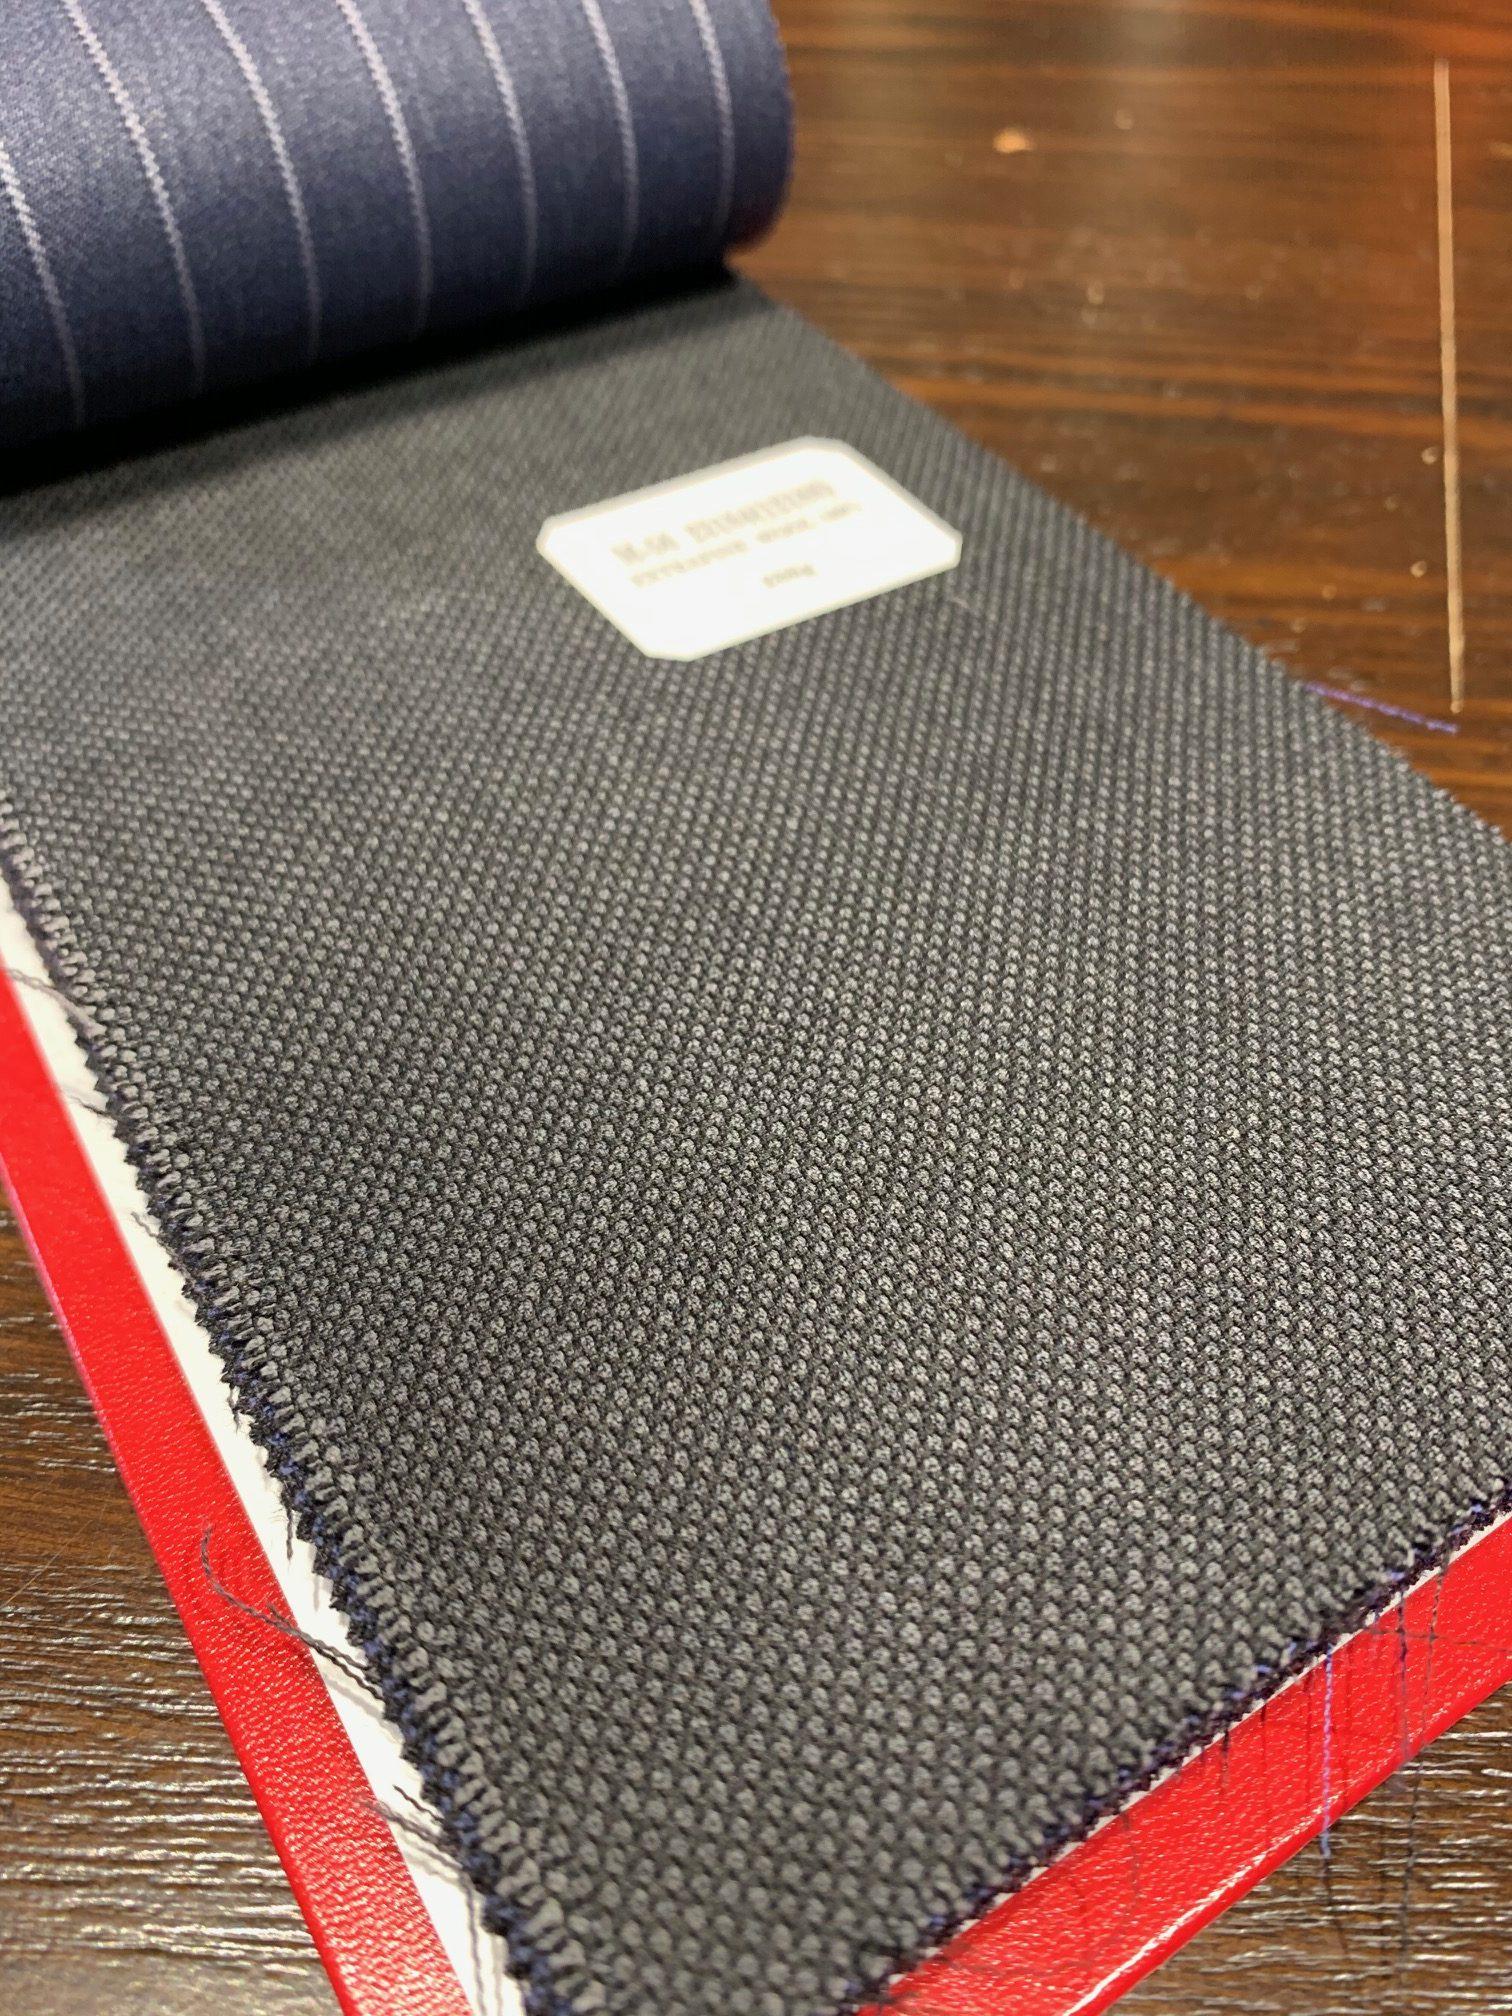 image5 2 1 e1572159278767 - オーダースーツのおススメブランド(サルトクレイスで一番売れているのは?)